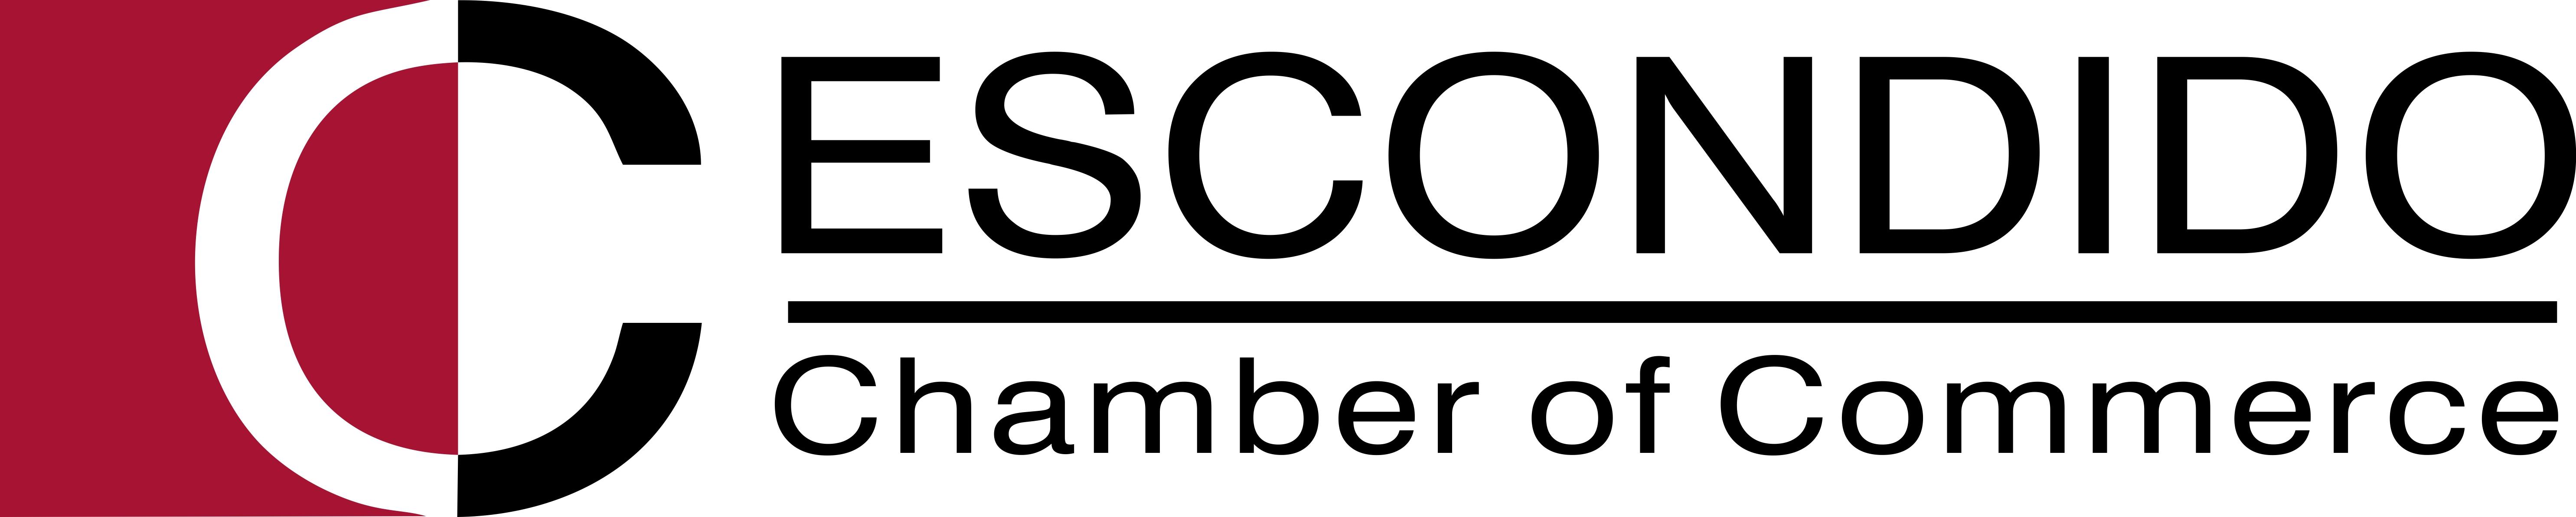 Esc_Chamber_Logo_Color_High_(2).jpg